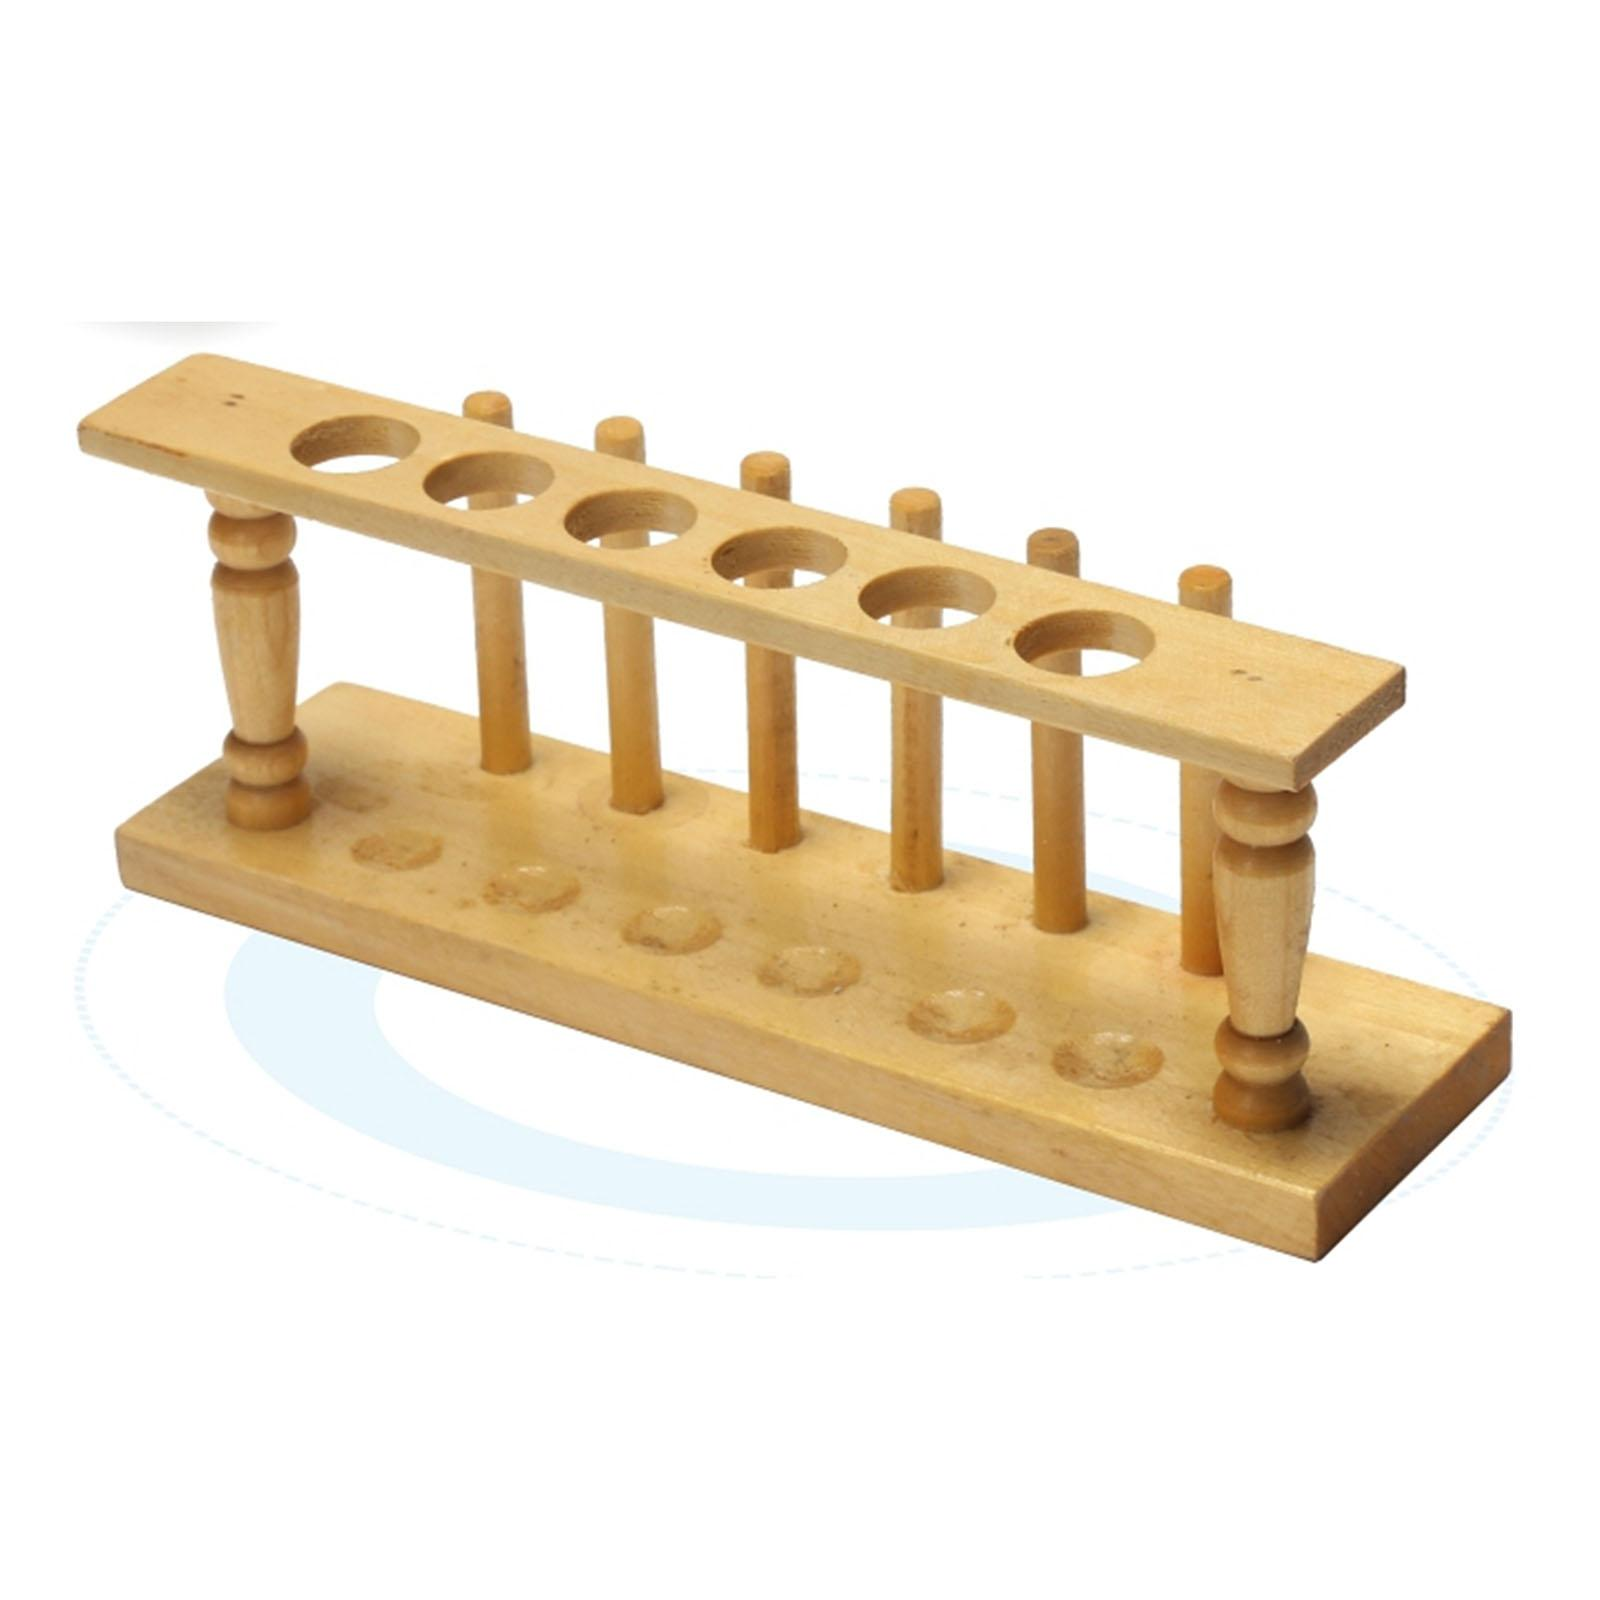 6 furos 20mm diâmetro do furo laboratório tubo de teste de madeira suporte de armazenamento rack com suporte varas